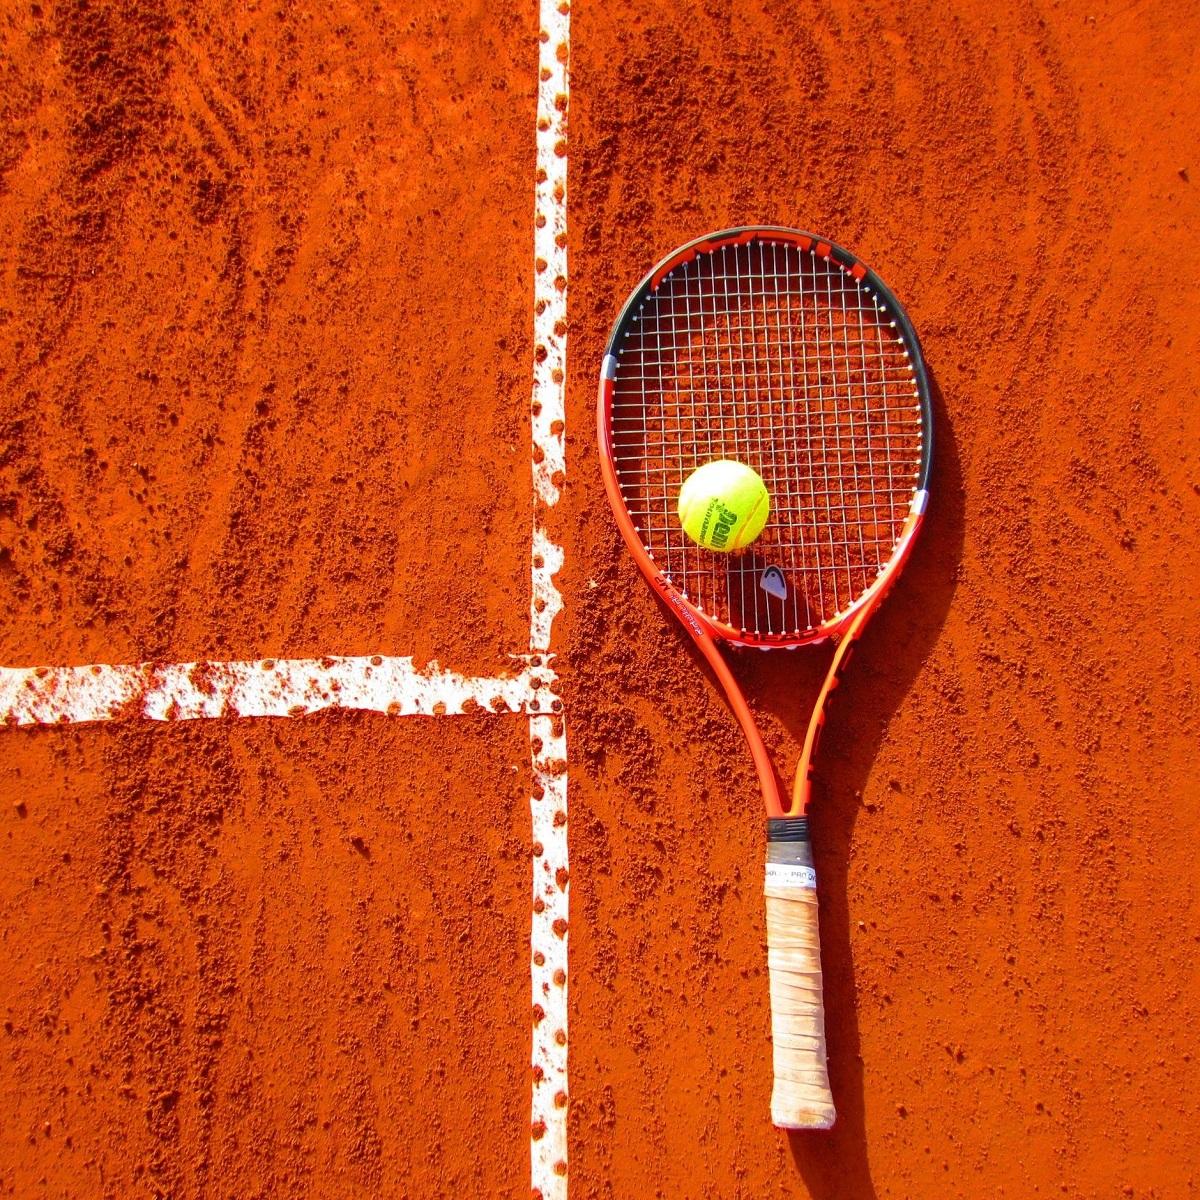 Regione Abruzzo riaprono i campi da tennis foto